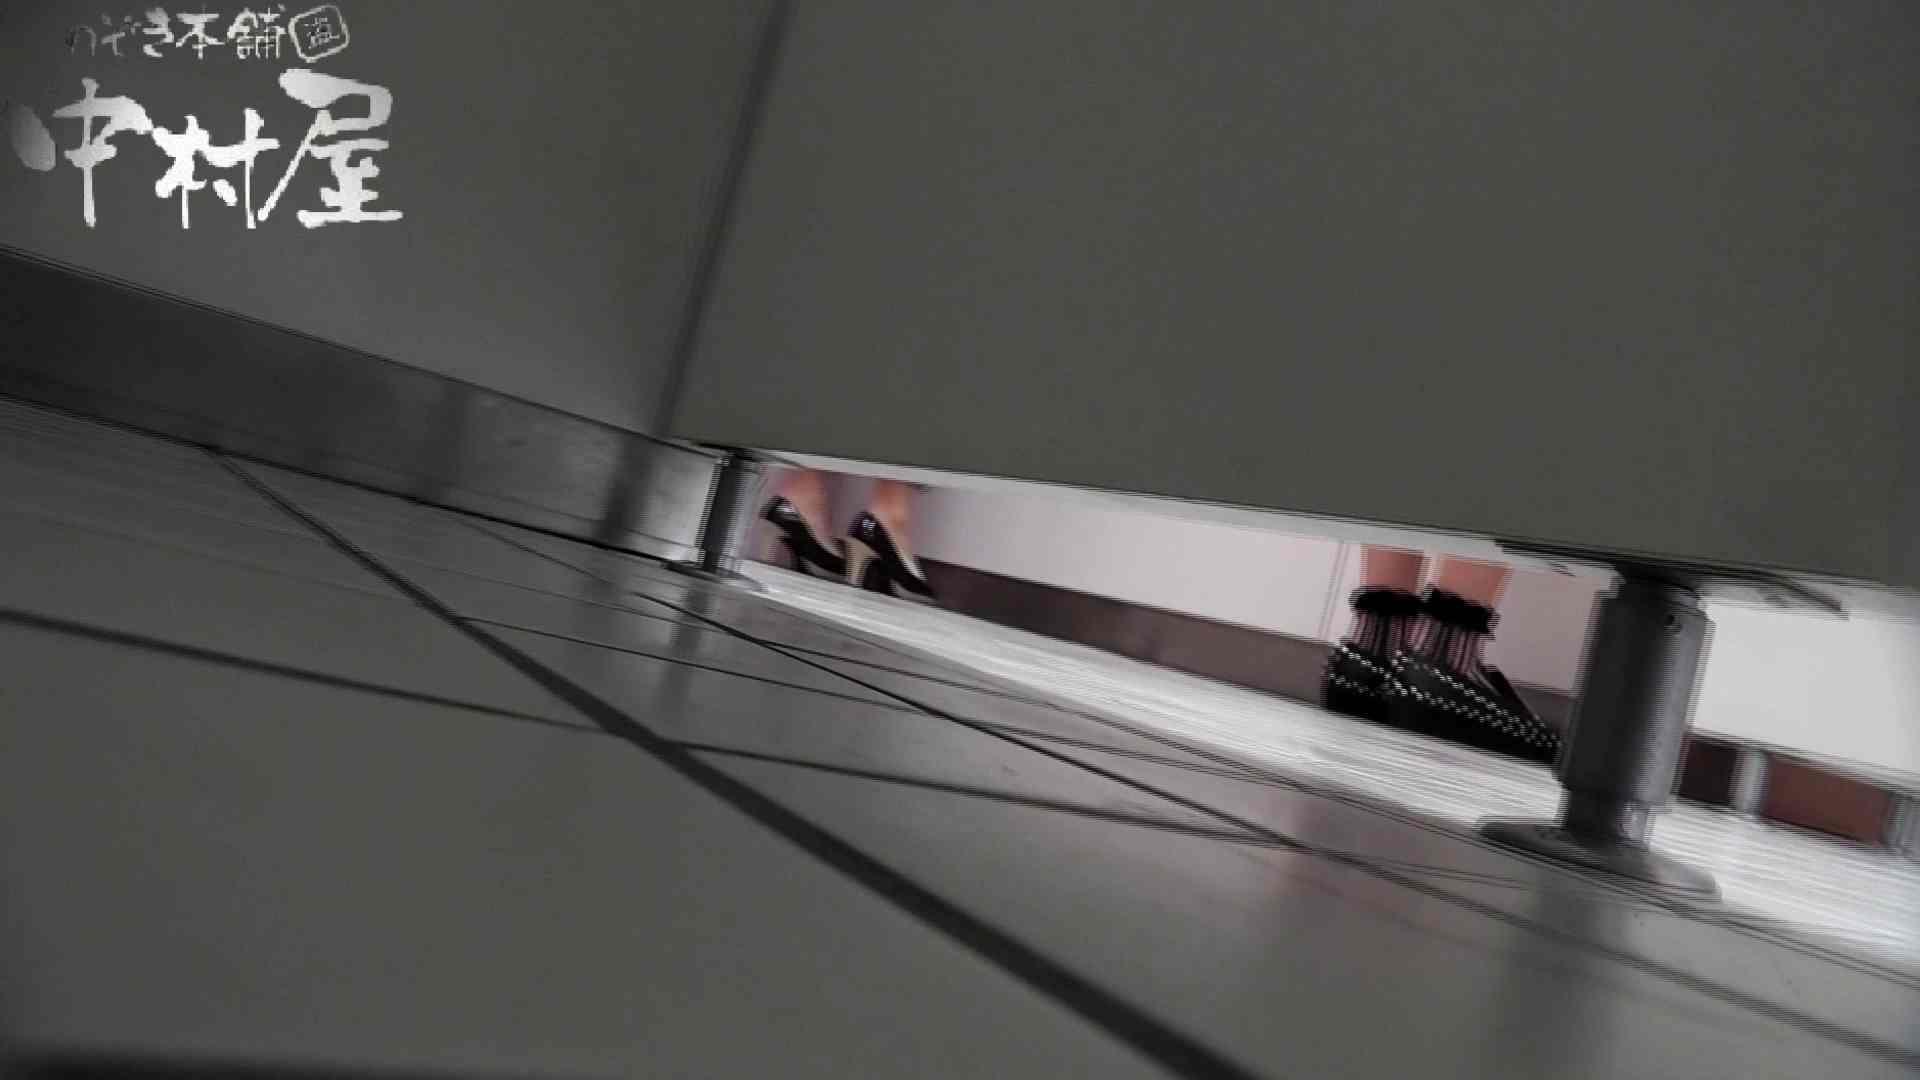 【美しい日本の未来】美しい日本の未来 No.41 反射を利用して、斬新な絶景が開かれた!! マンコ・ムレムレ ぱこり動画紹介 74pic 58